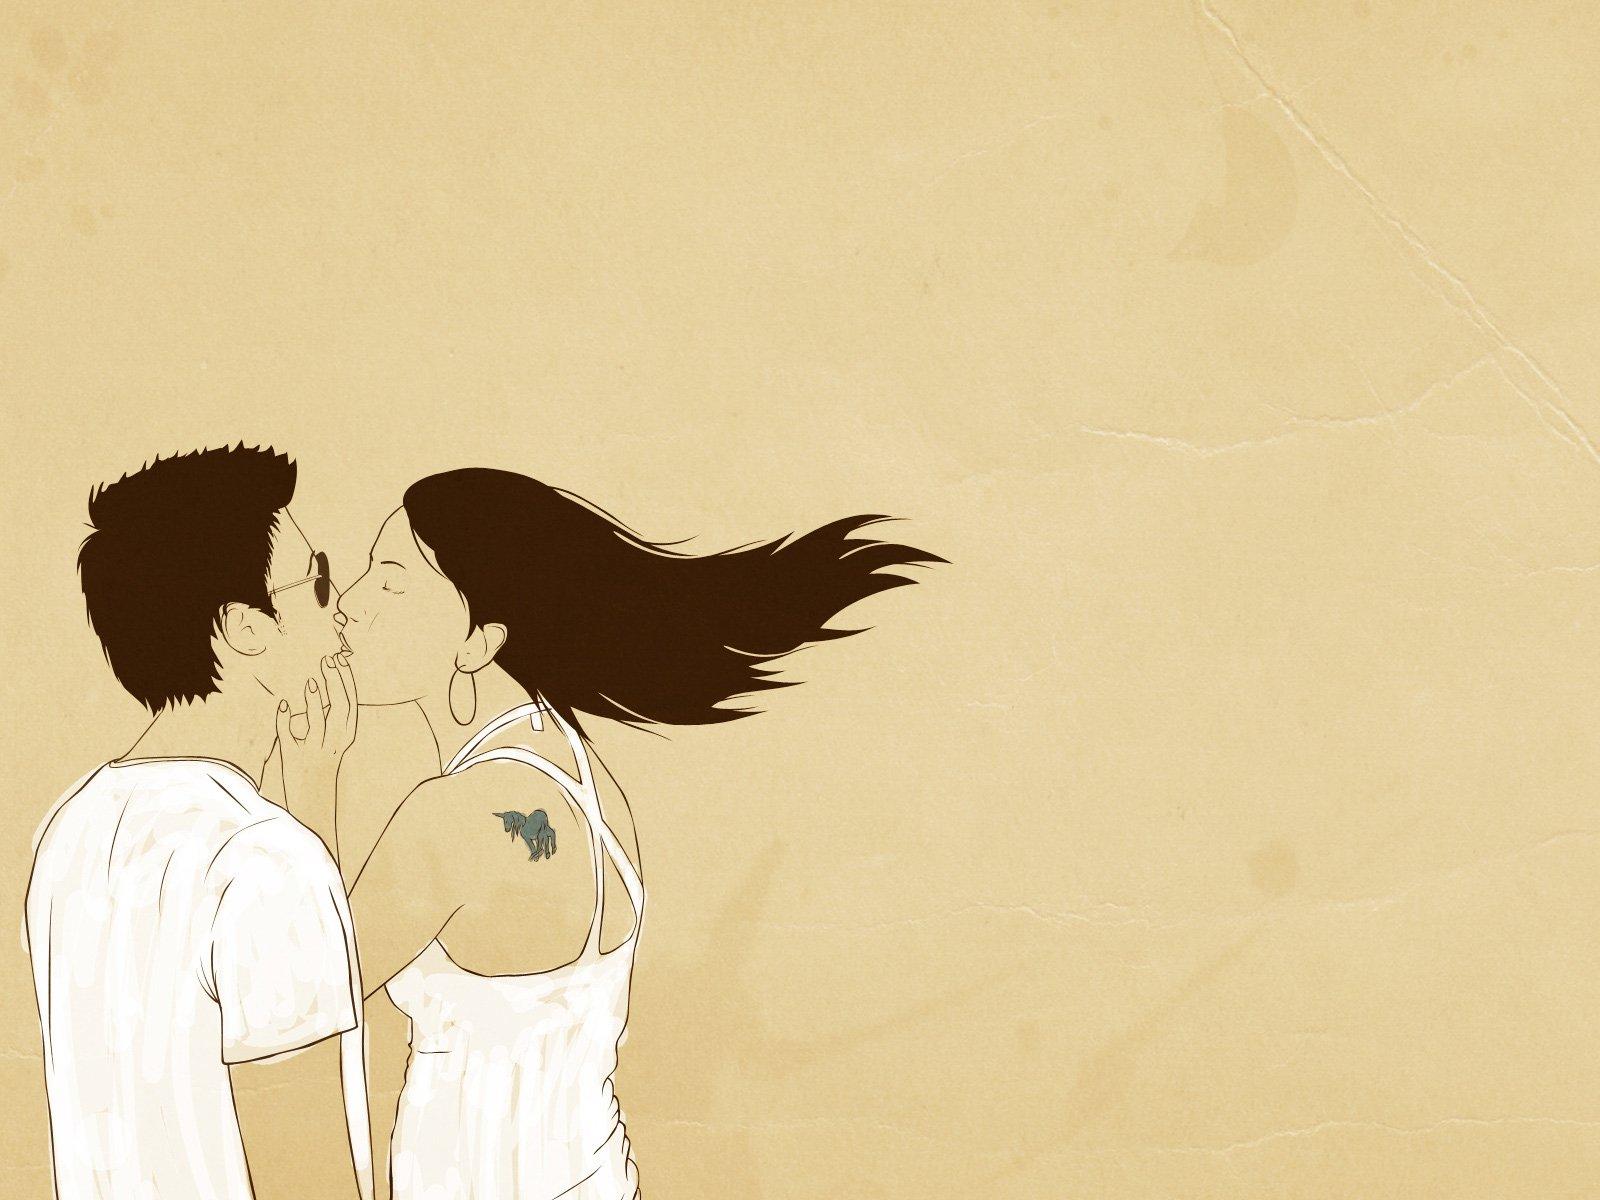 ilona wallpapers 10 romantic - photo #43